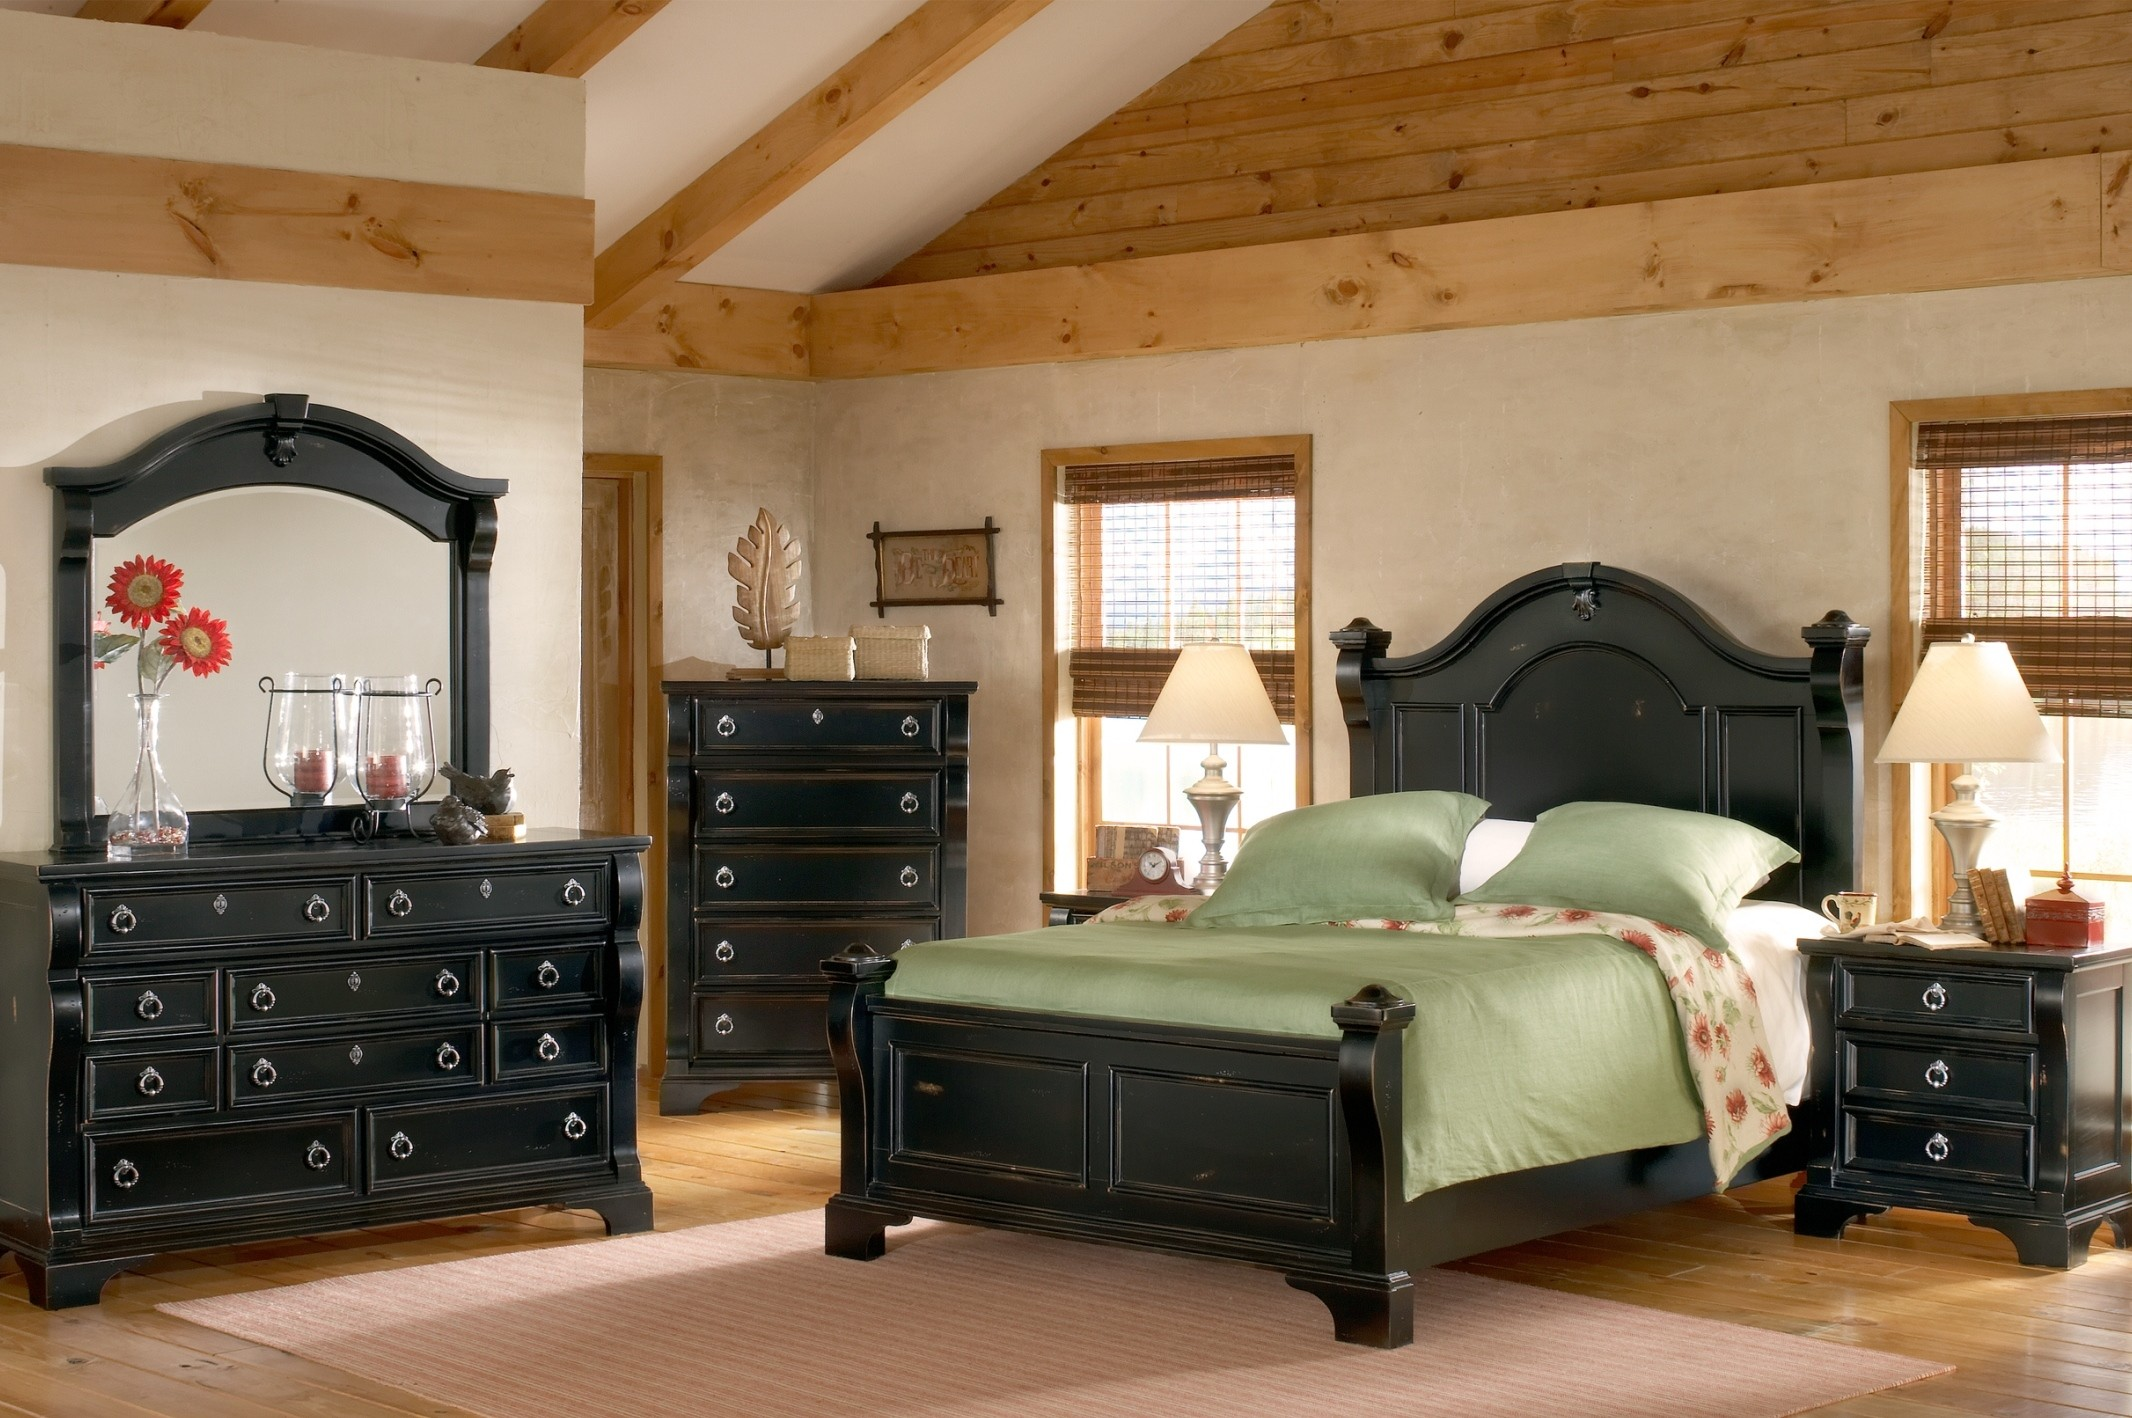 American Woodcrafters Heirloom Black Poster Bedroom Set